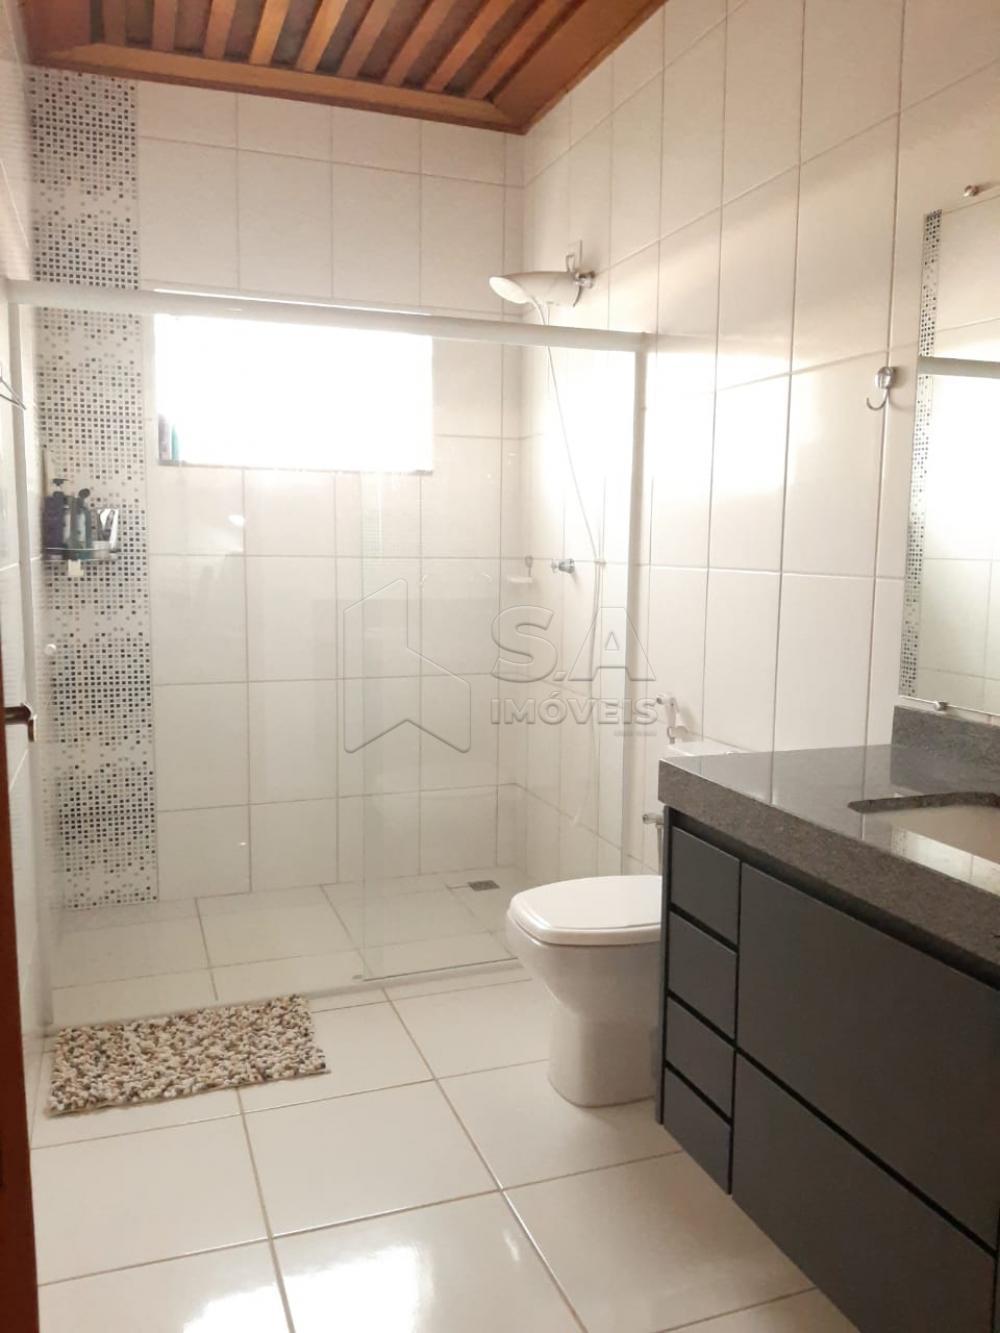 Comprar Casa / Padrão em Botucatu apenas R$ 370.000,00 - Foto 27